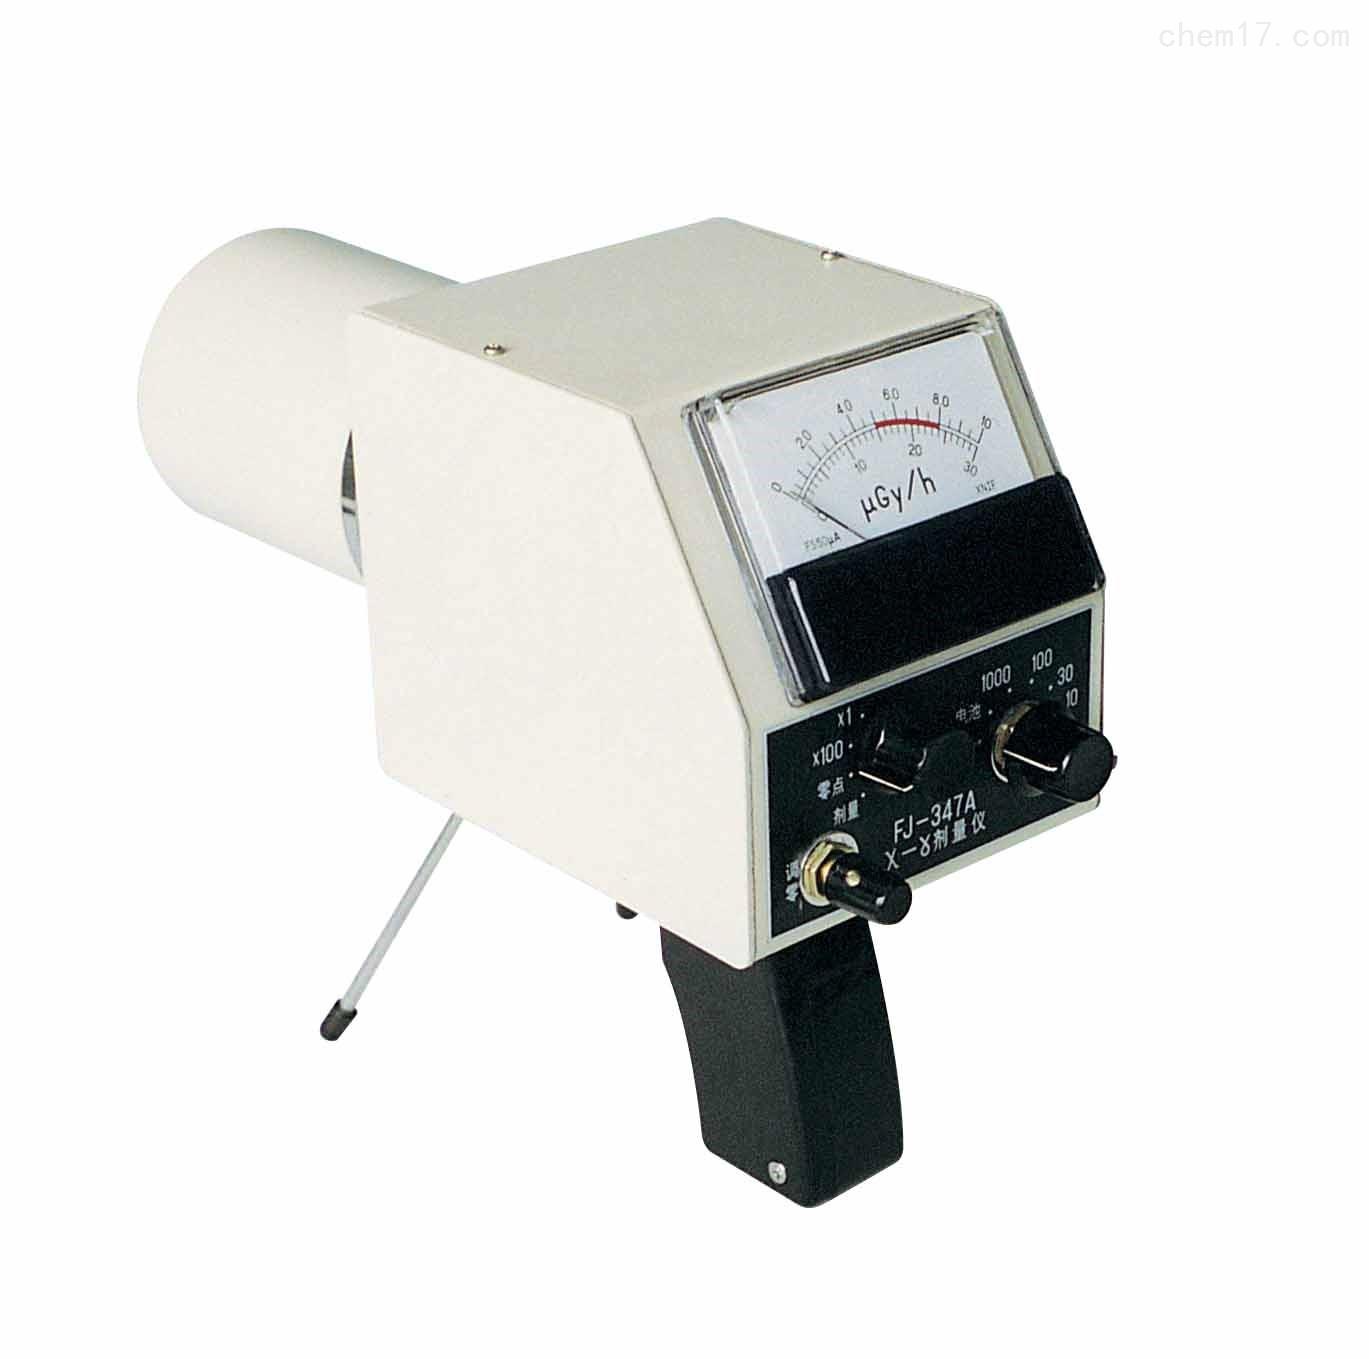 FJ-347A型便携式χ、γ剂量检测仪